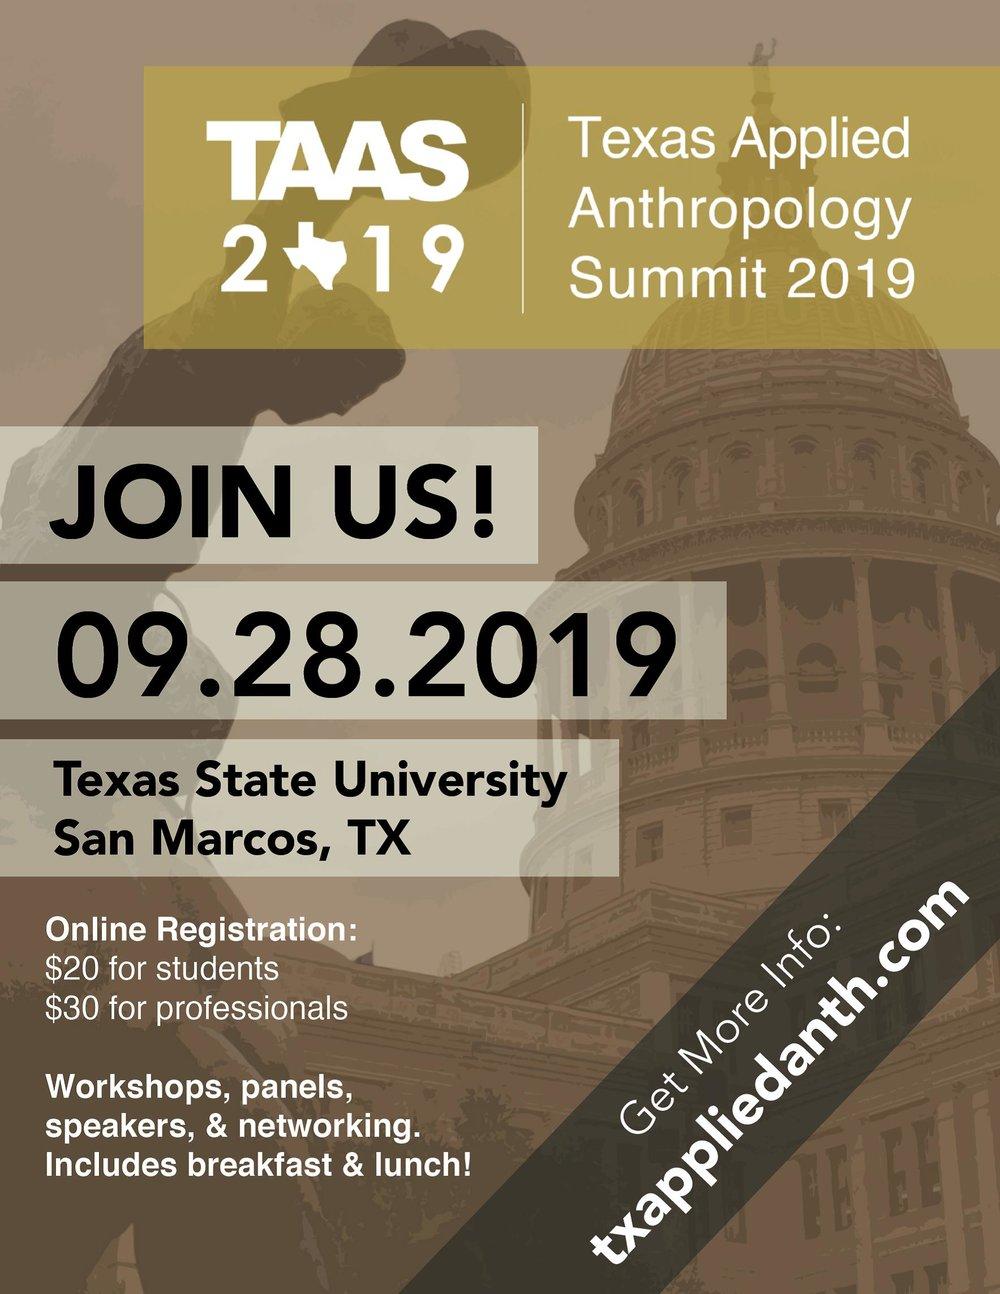 TAAS join us.jpg